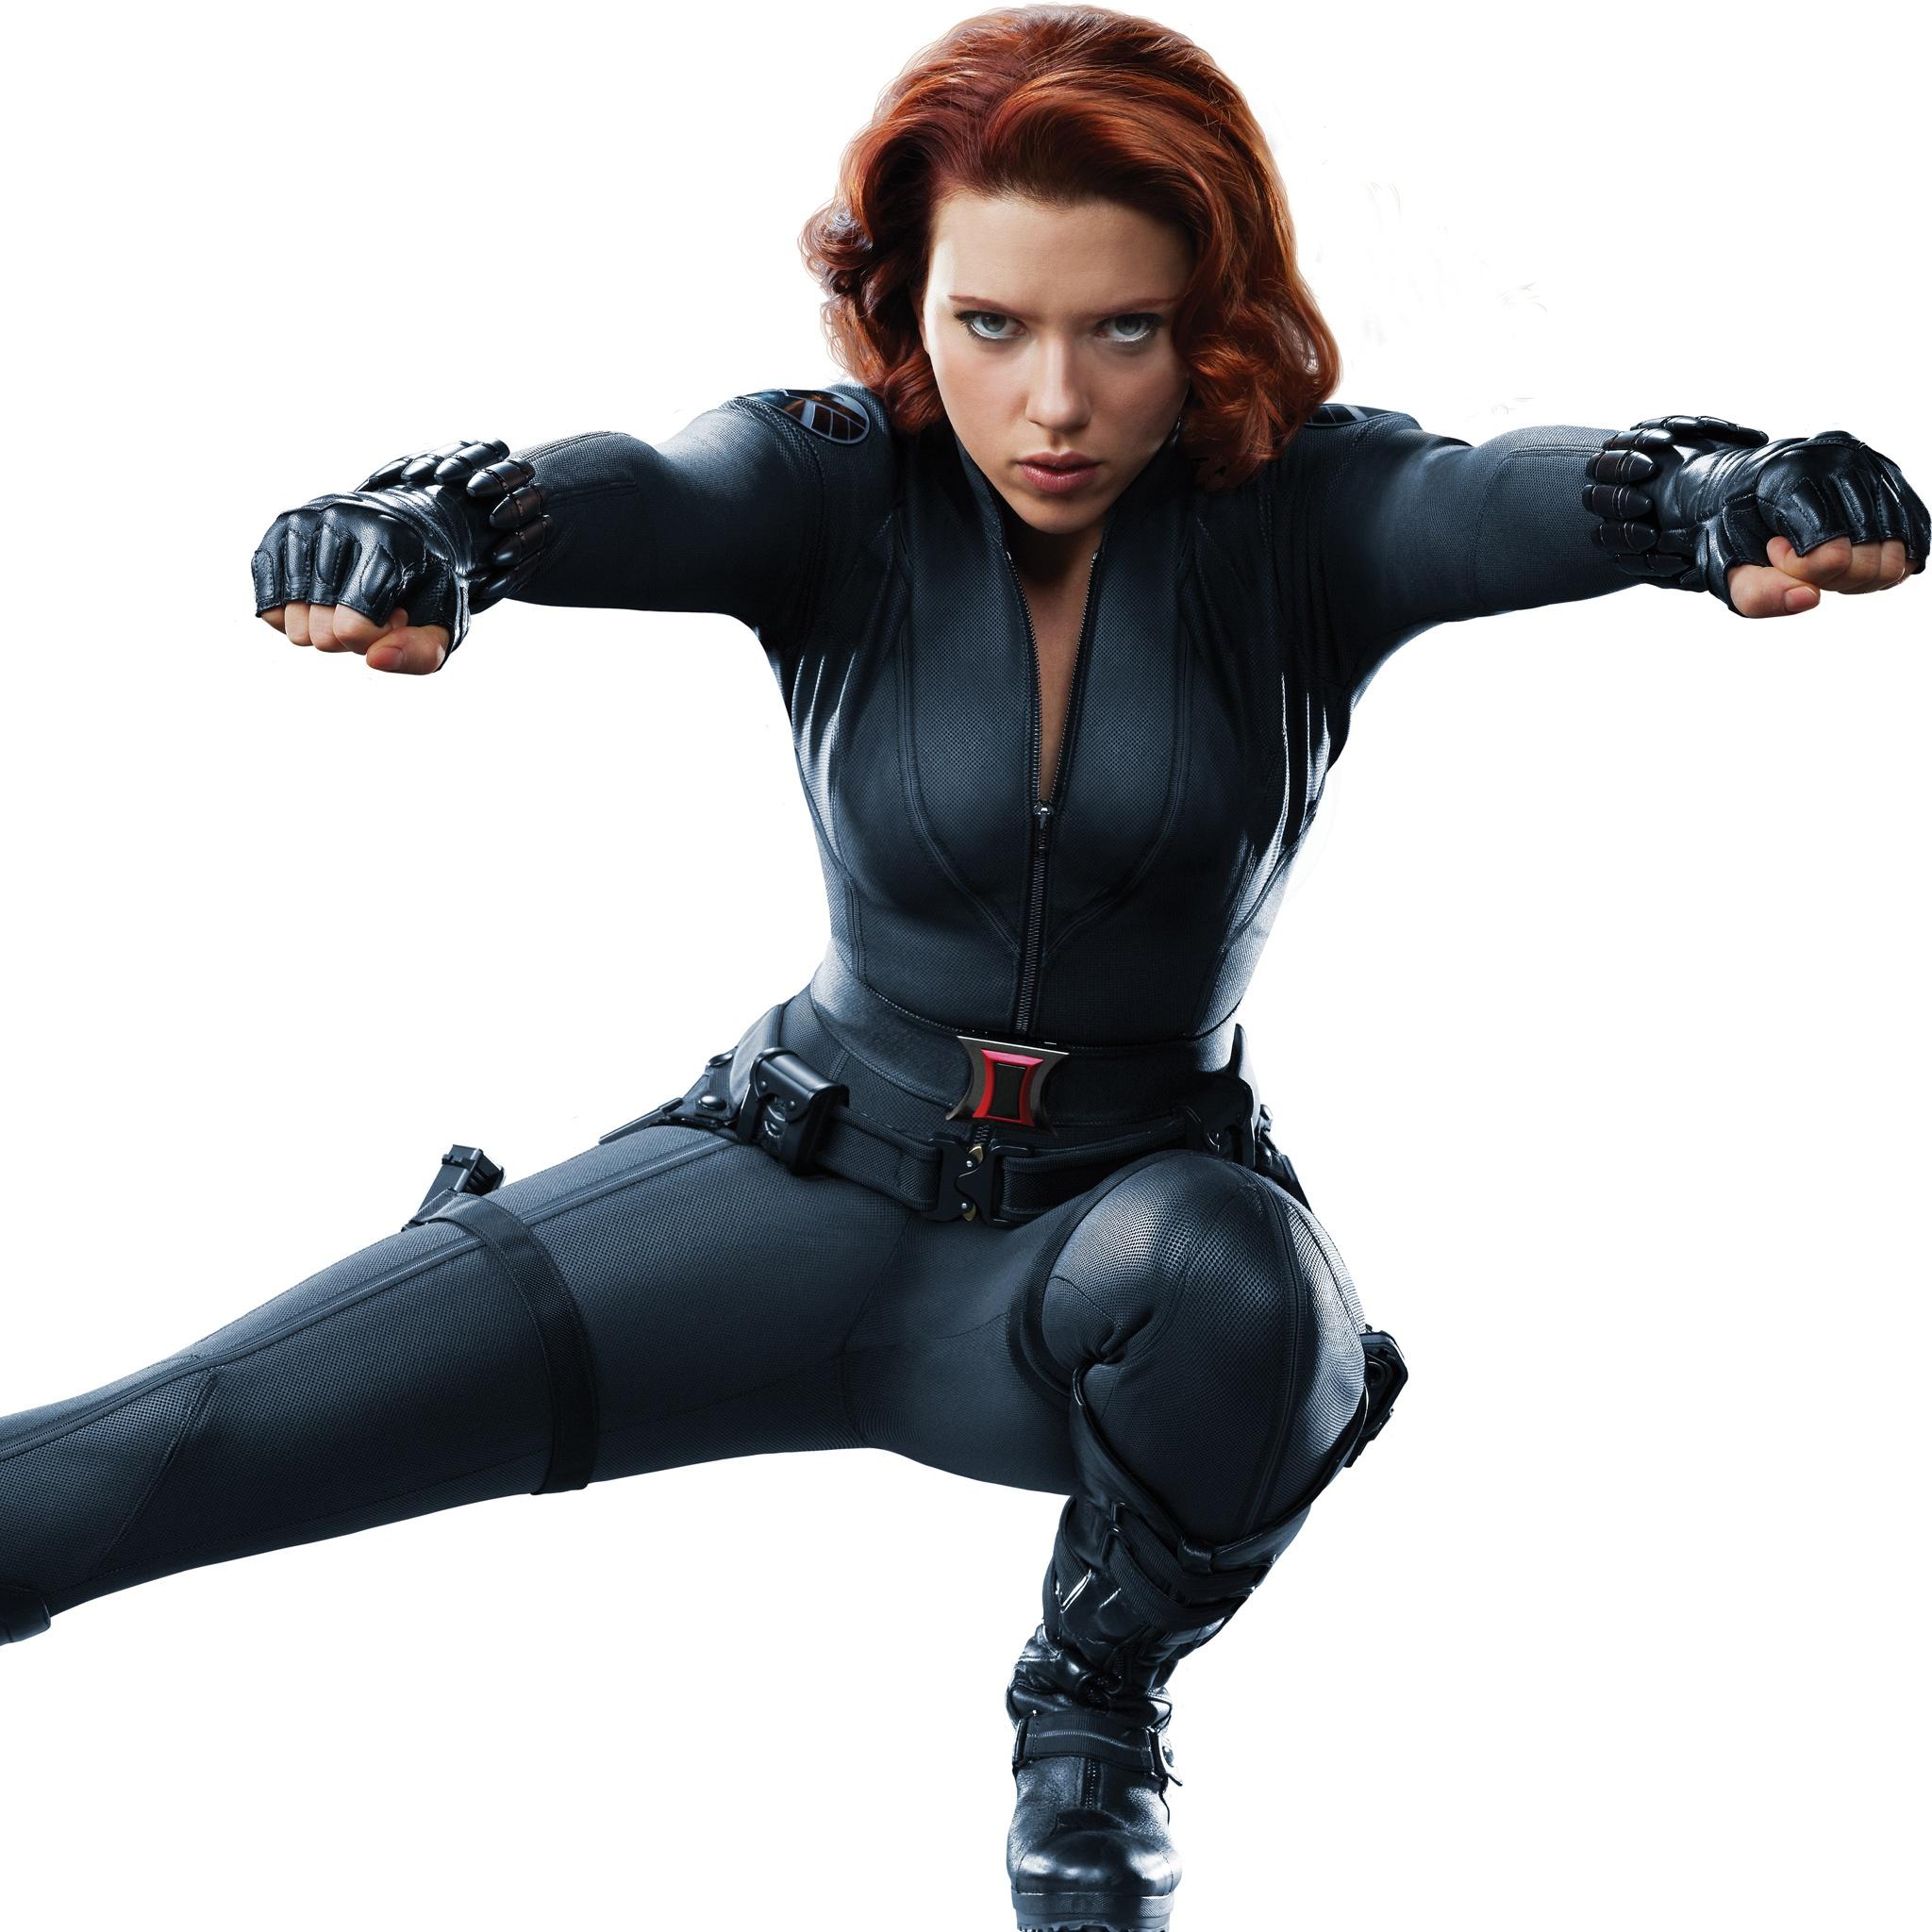 The Avengers Black Widow Wallpaper 2048x2048